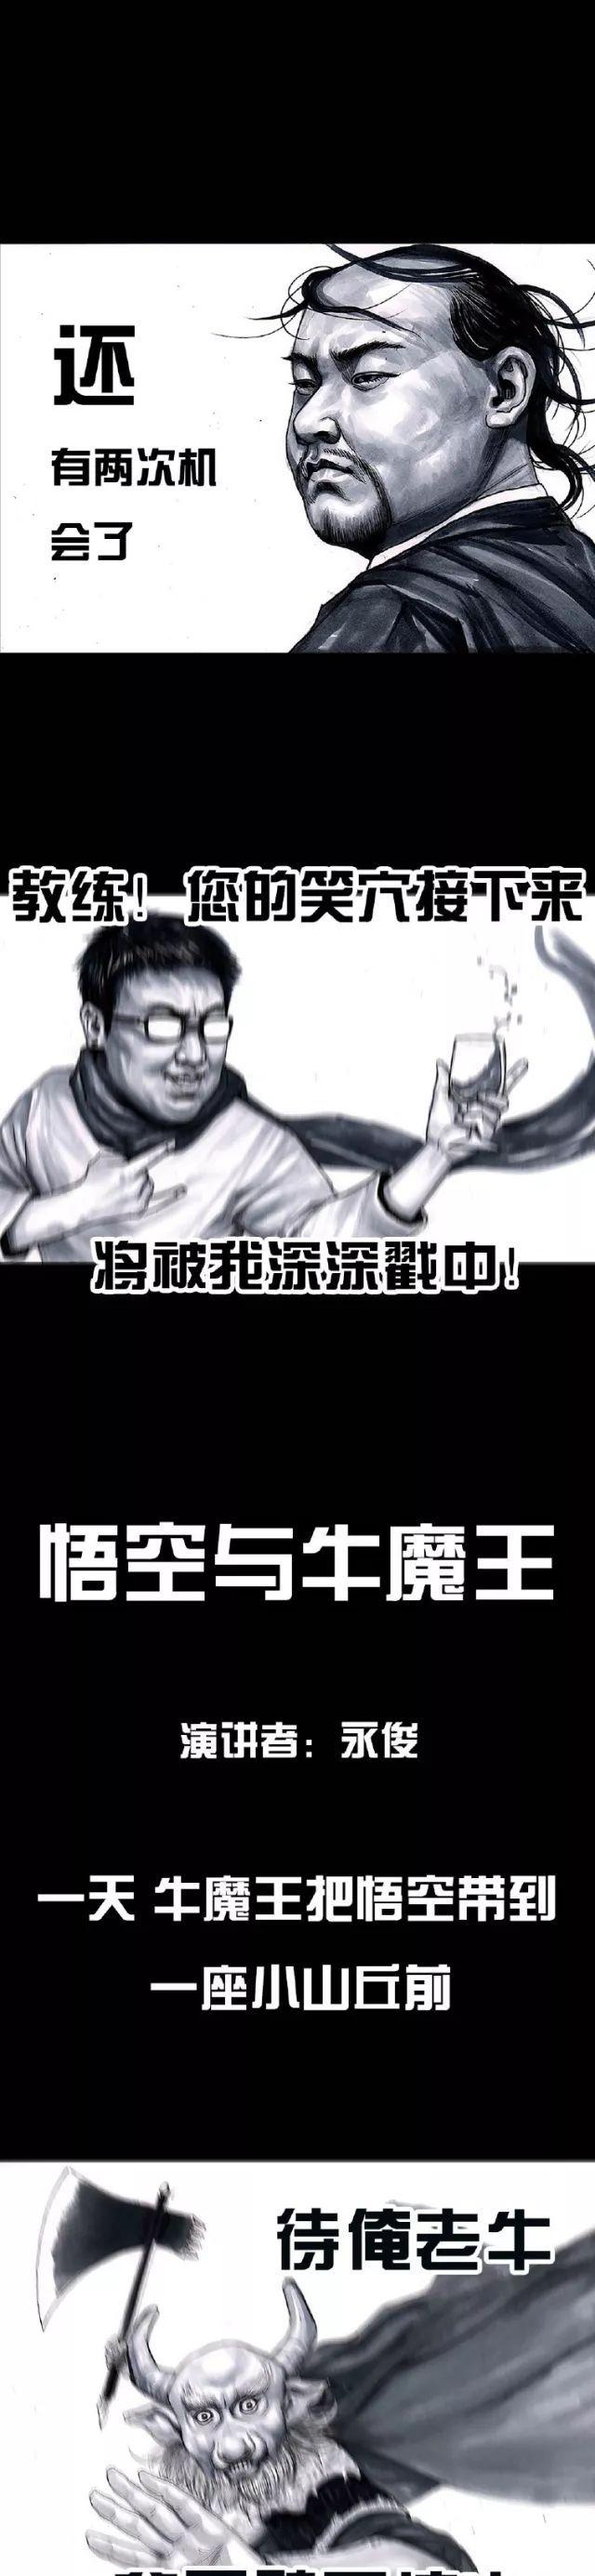 新闻 仁化锦江电厂做好强降雨天气防洪泄洪工作